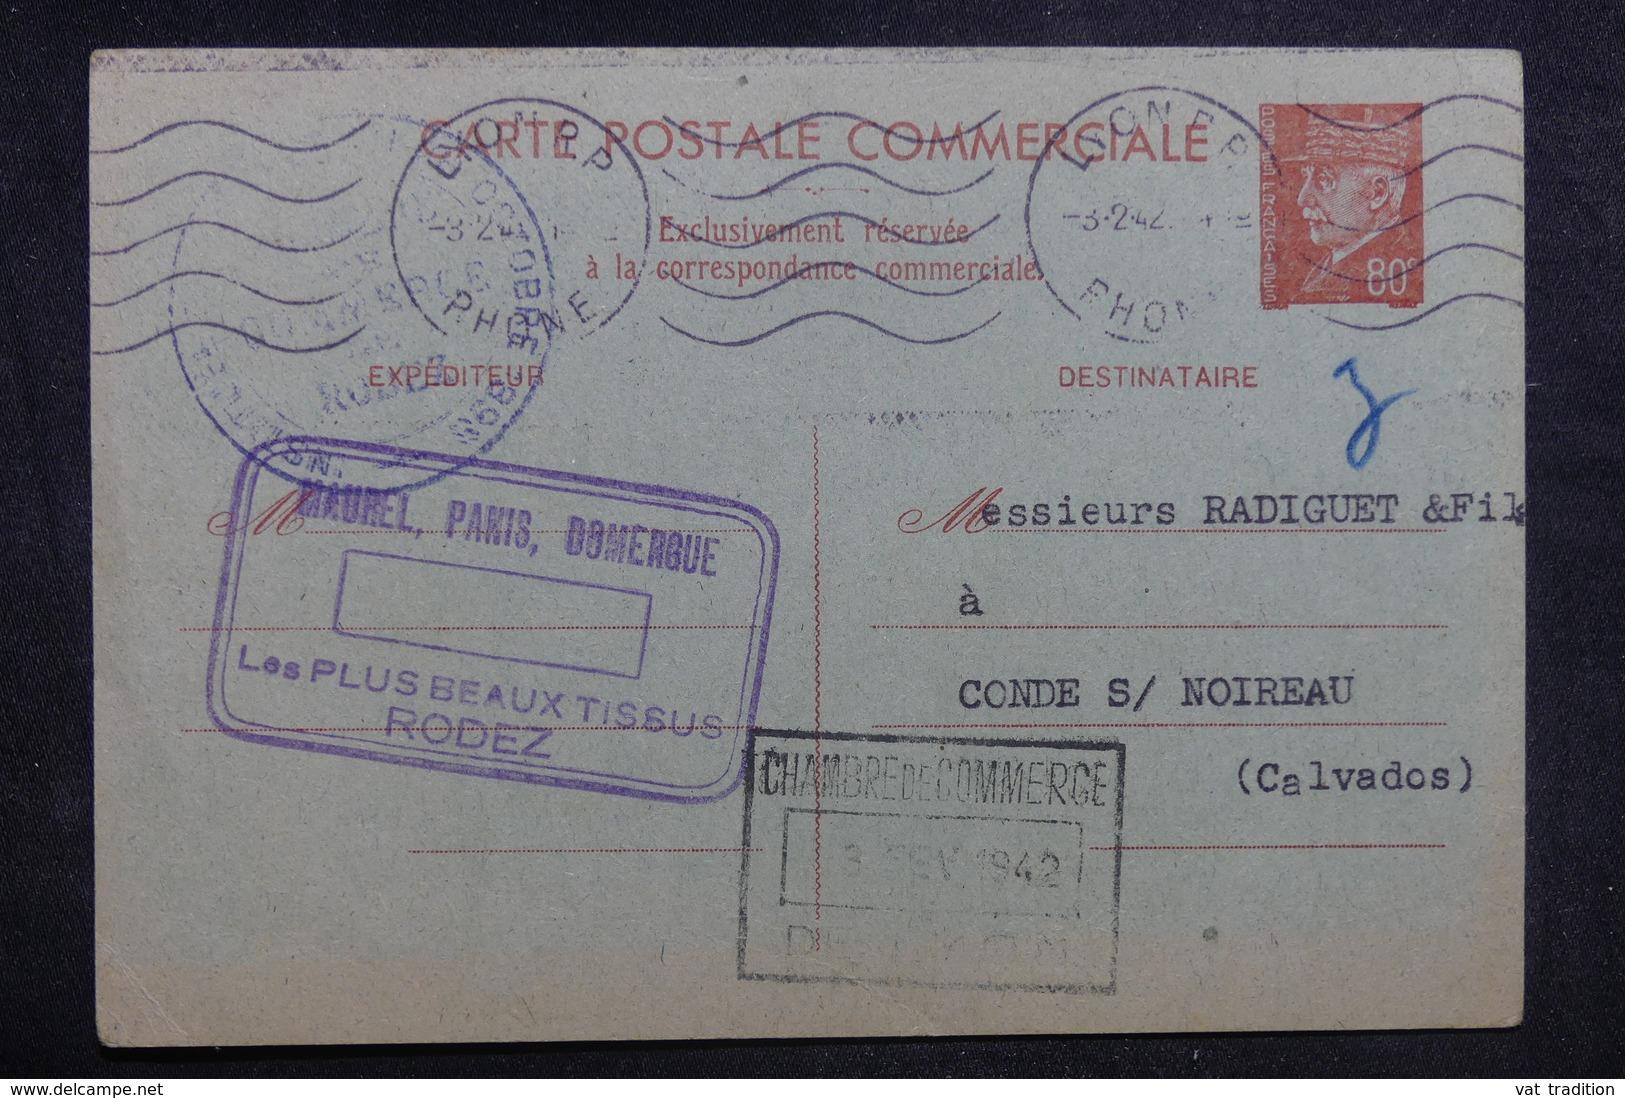 FRANCE - Entier Postal Commerciale Type Pétain De Lyon Pour Condé / Noireau En 1942 - L 38599 - Entiers Postaux